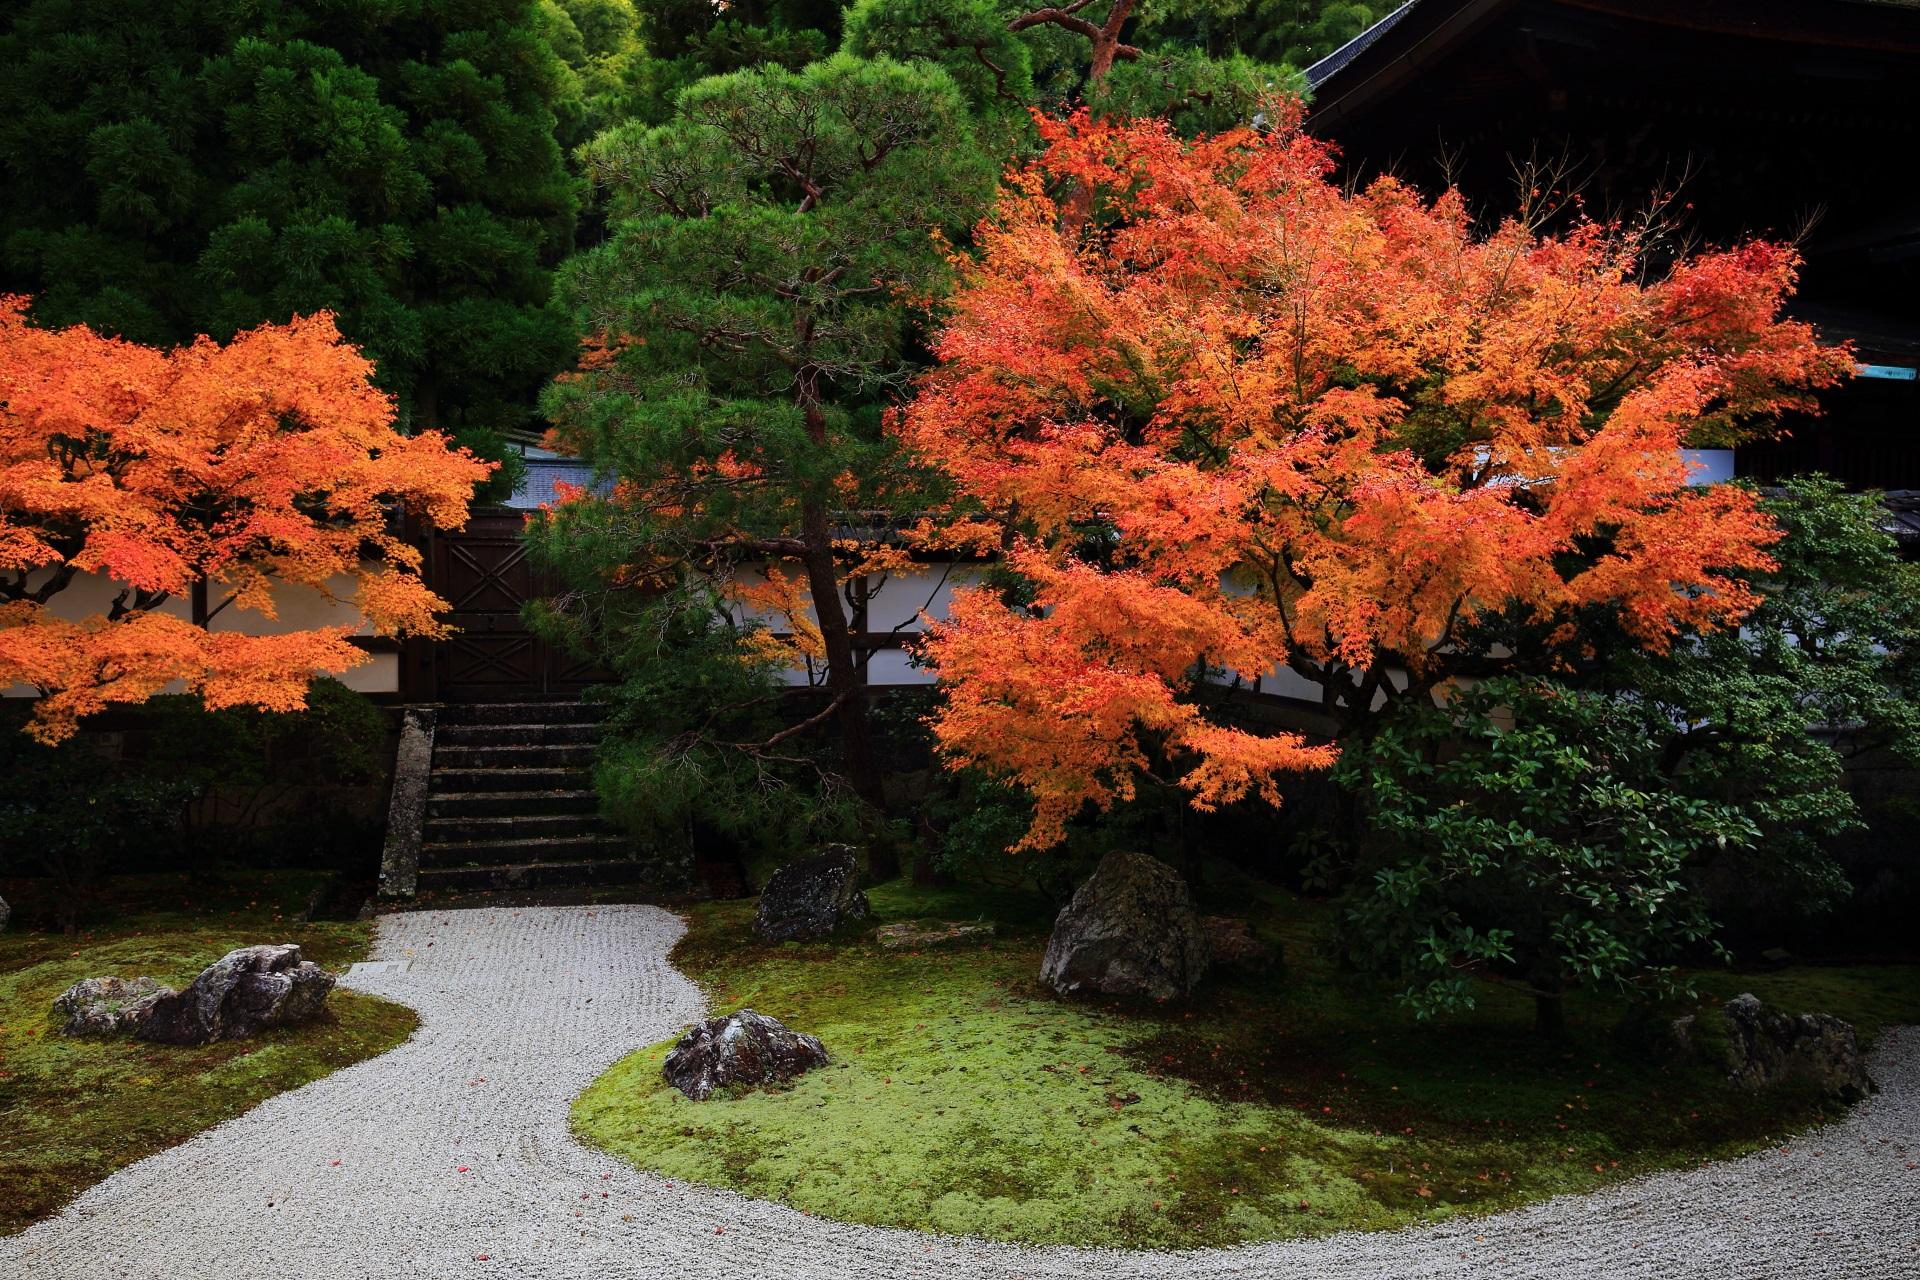 秋も深まりしっかり色づいた庭園